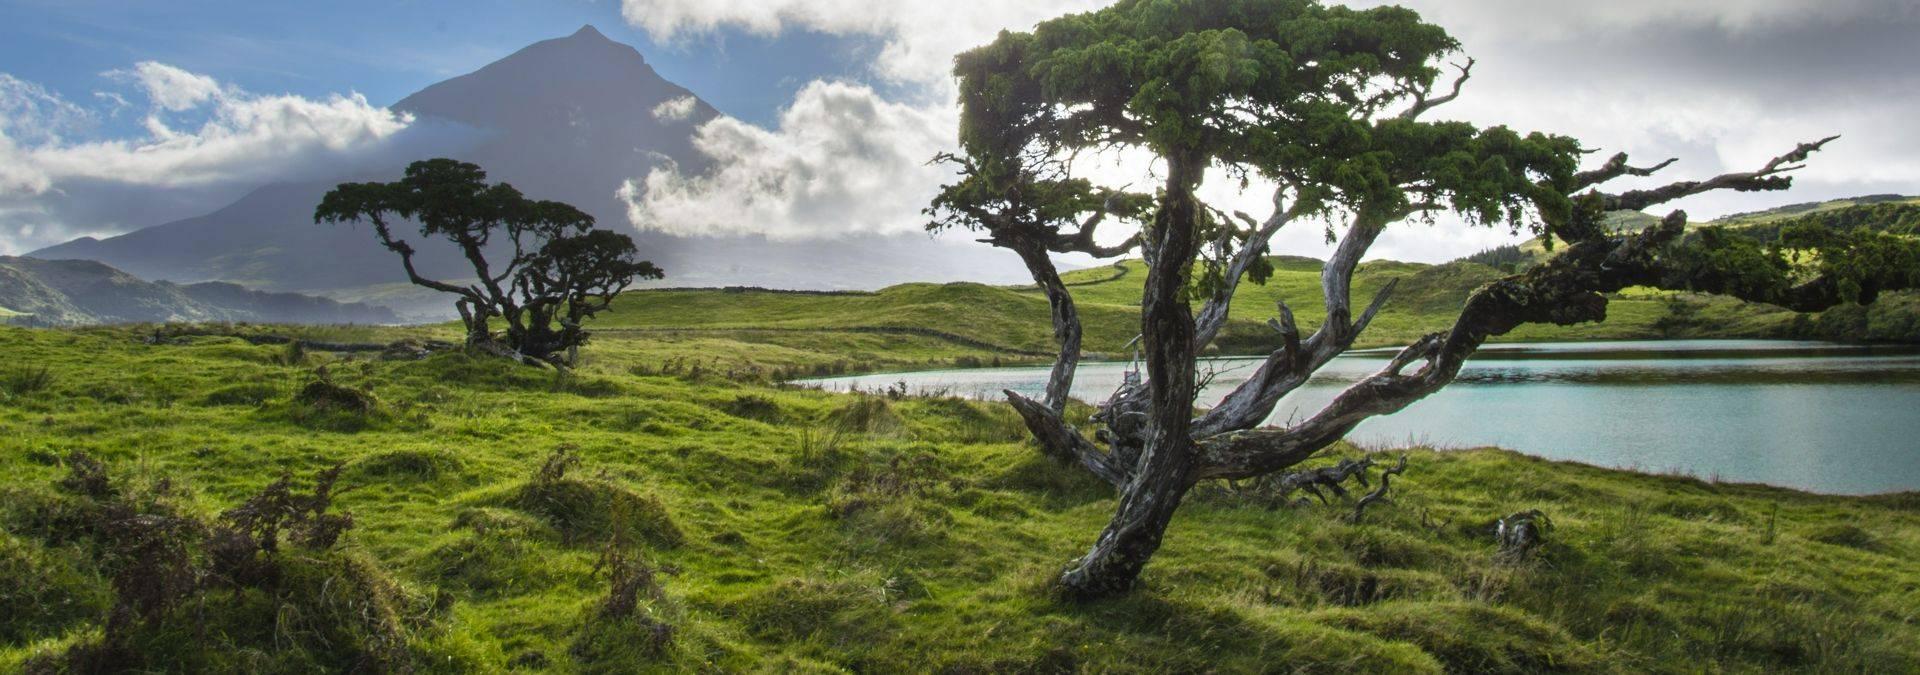 Pico Island, The Azores. Credit: Futurismo Azores Adventure